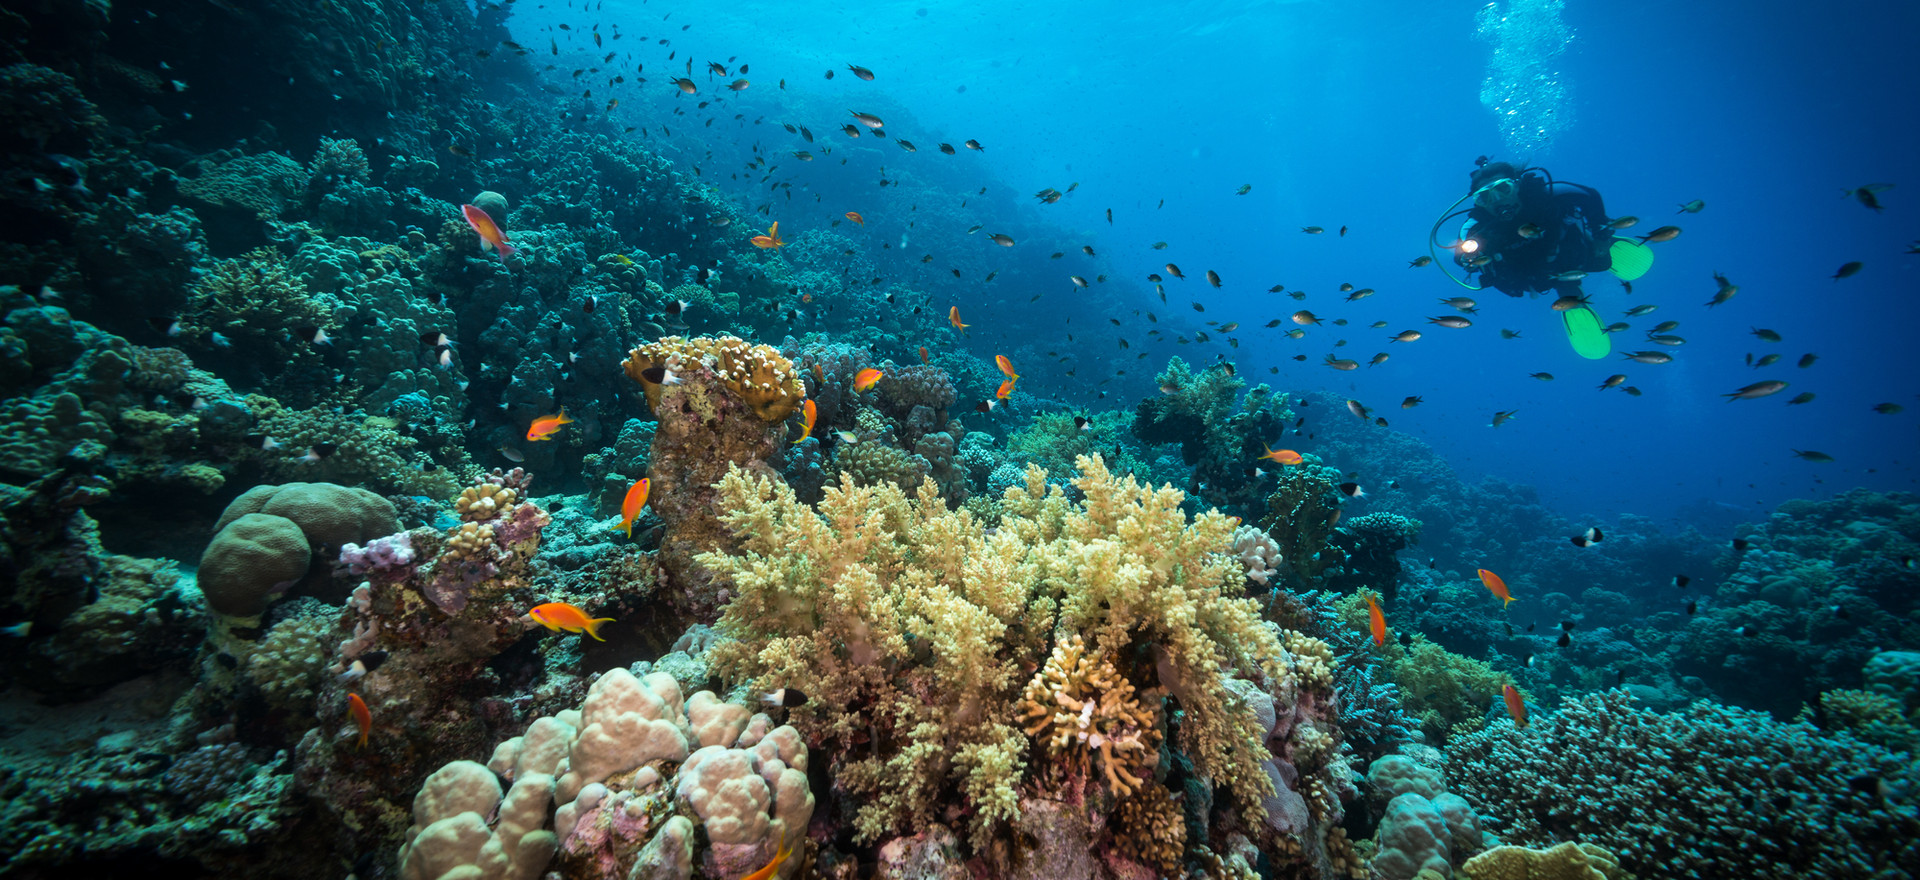 Plongée dans le récif - Floraly Komba